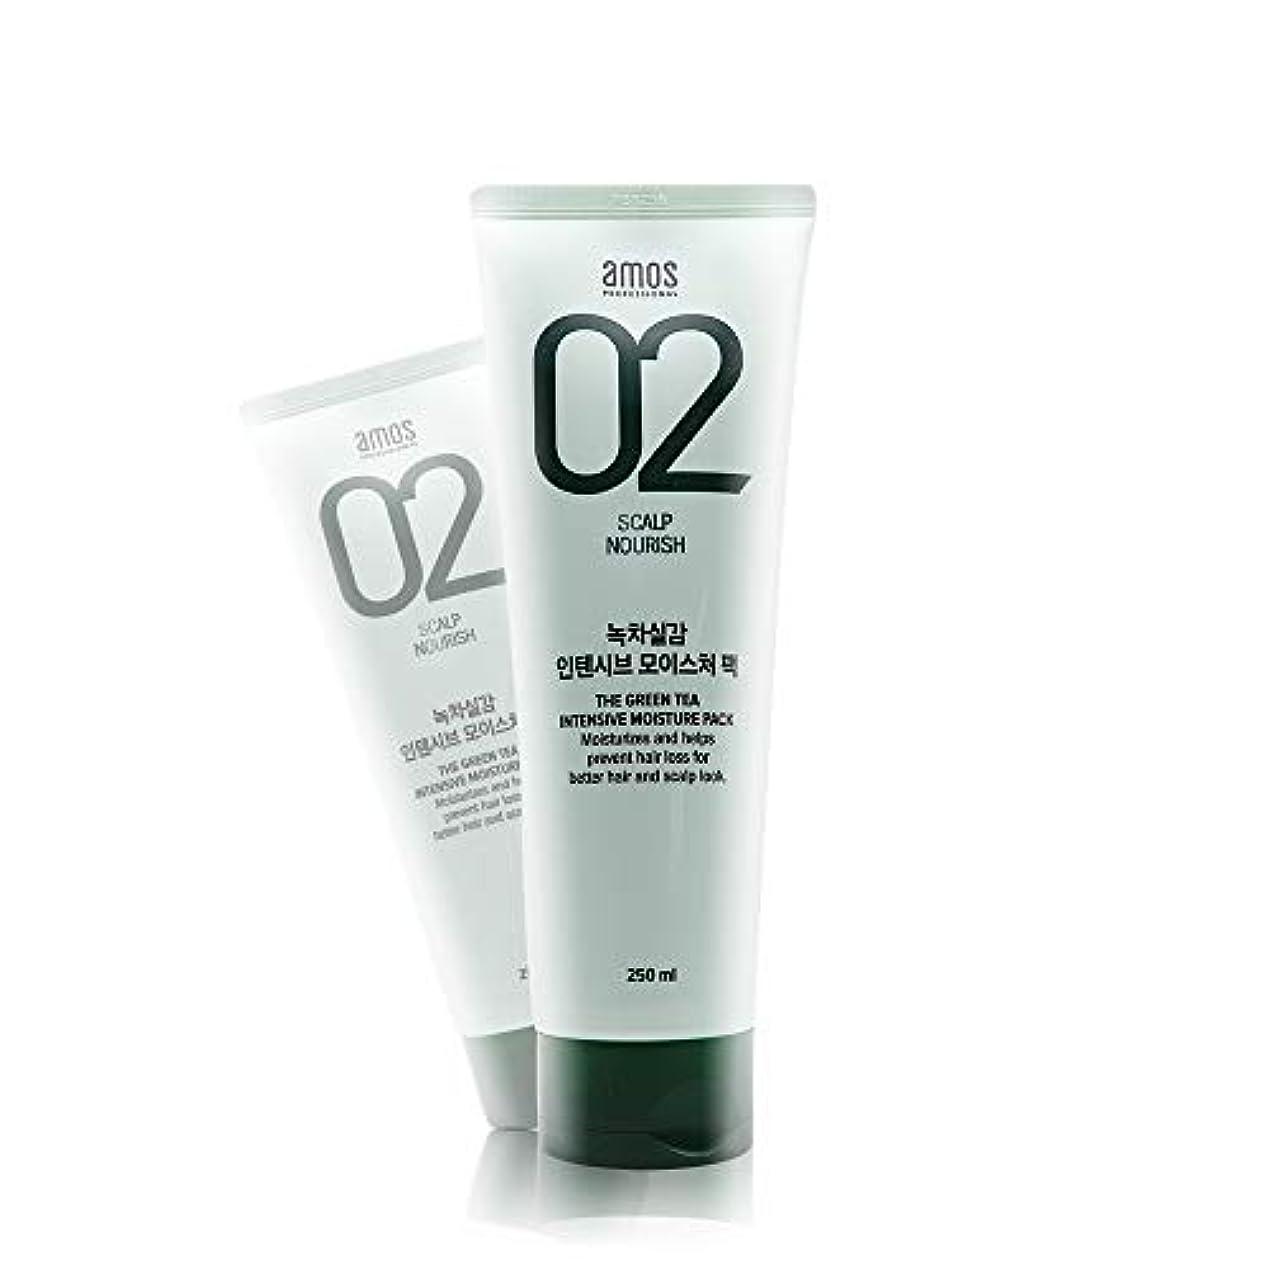 番号実験的崩壊アモス AMOS 緑茶実感インテンシブモイスチャーパック 250g, Feel the Green Tea Intensive Moisture Hair Pack